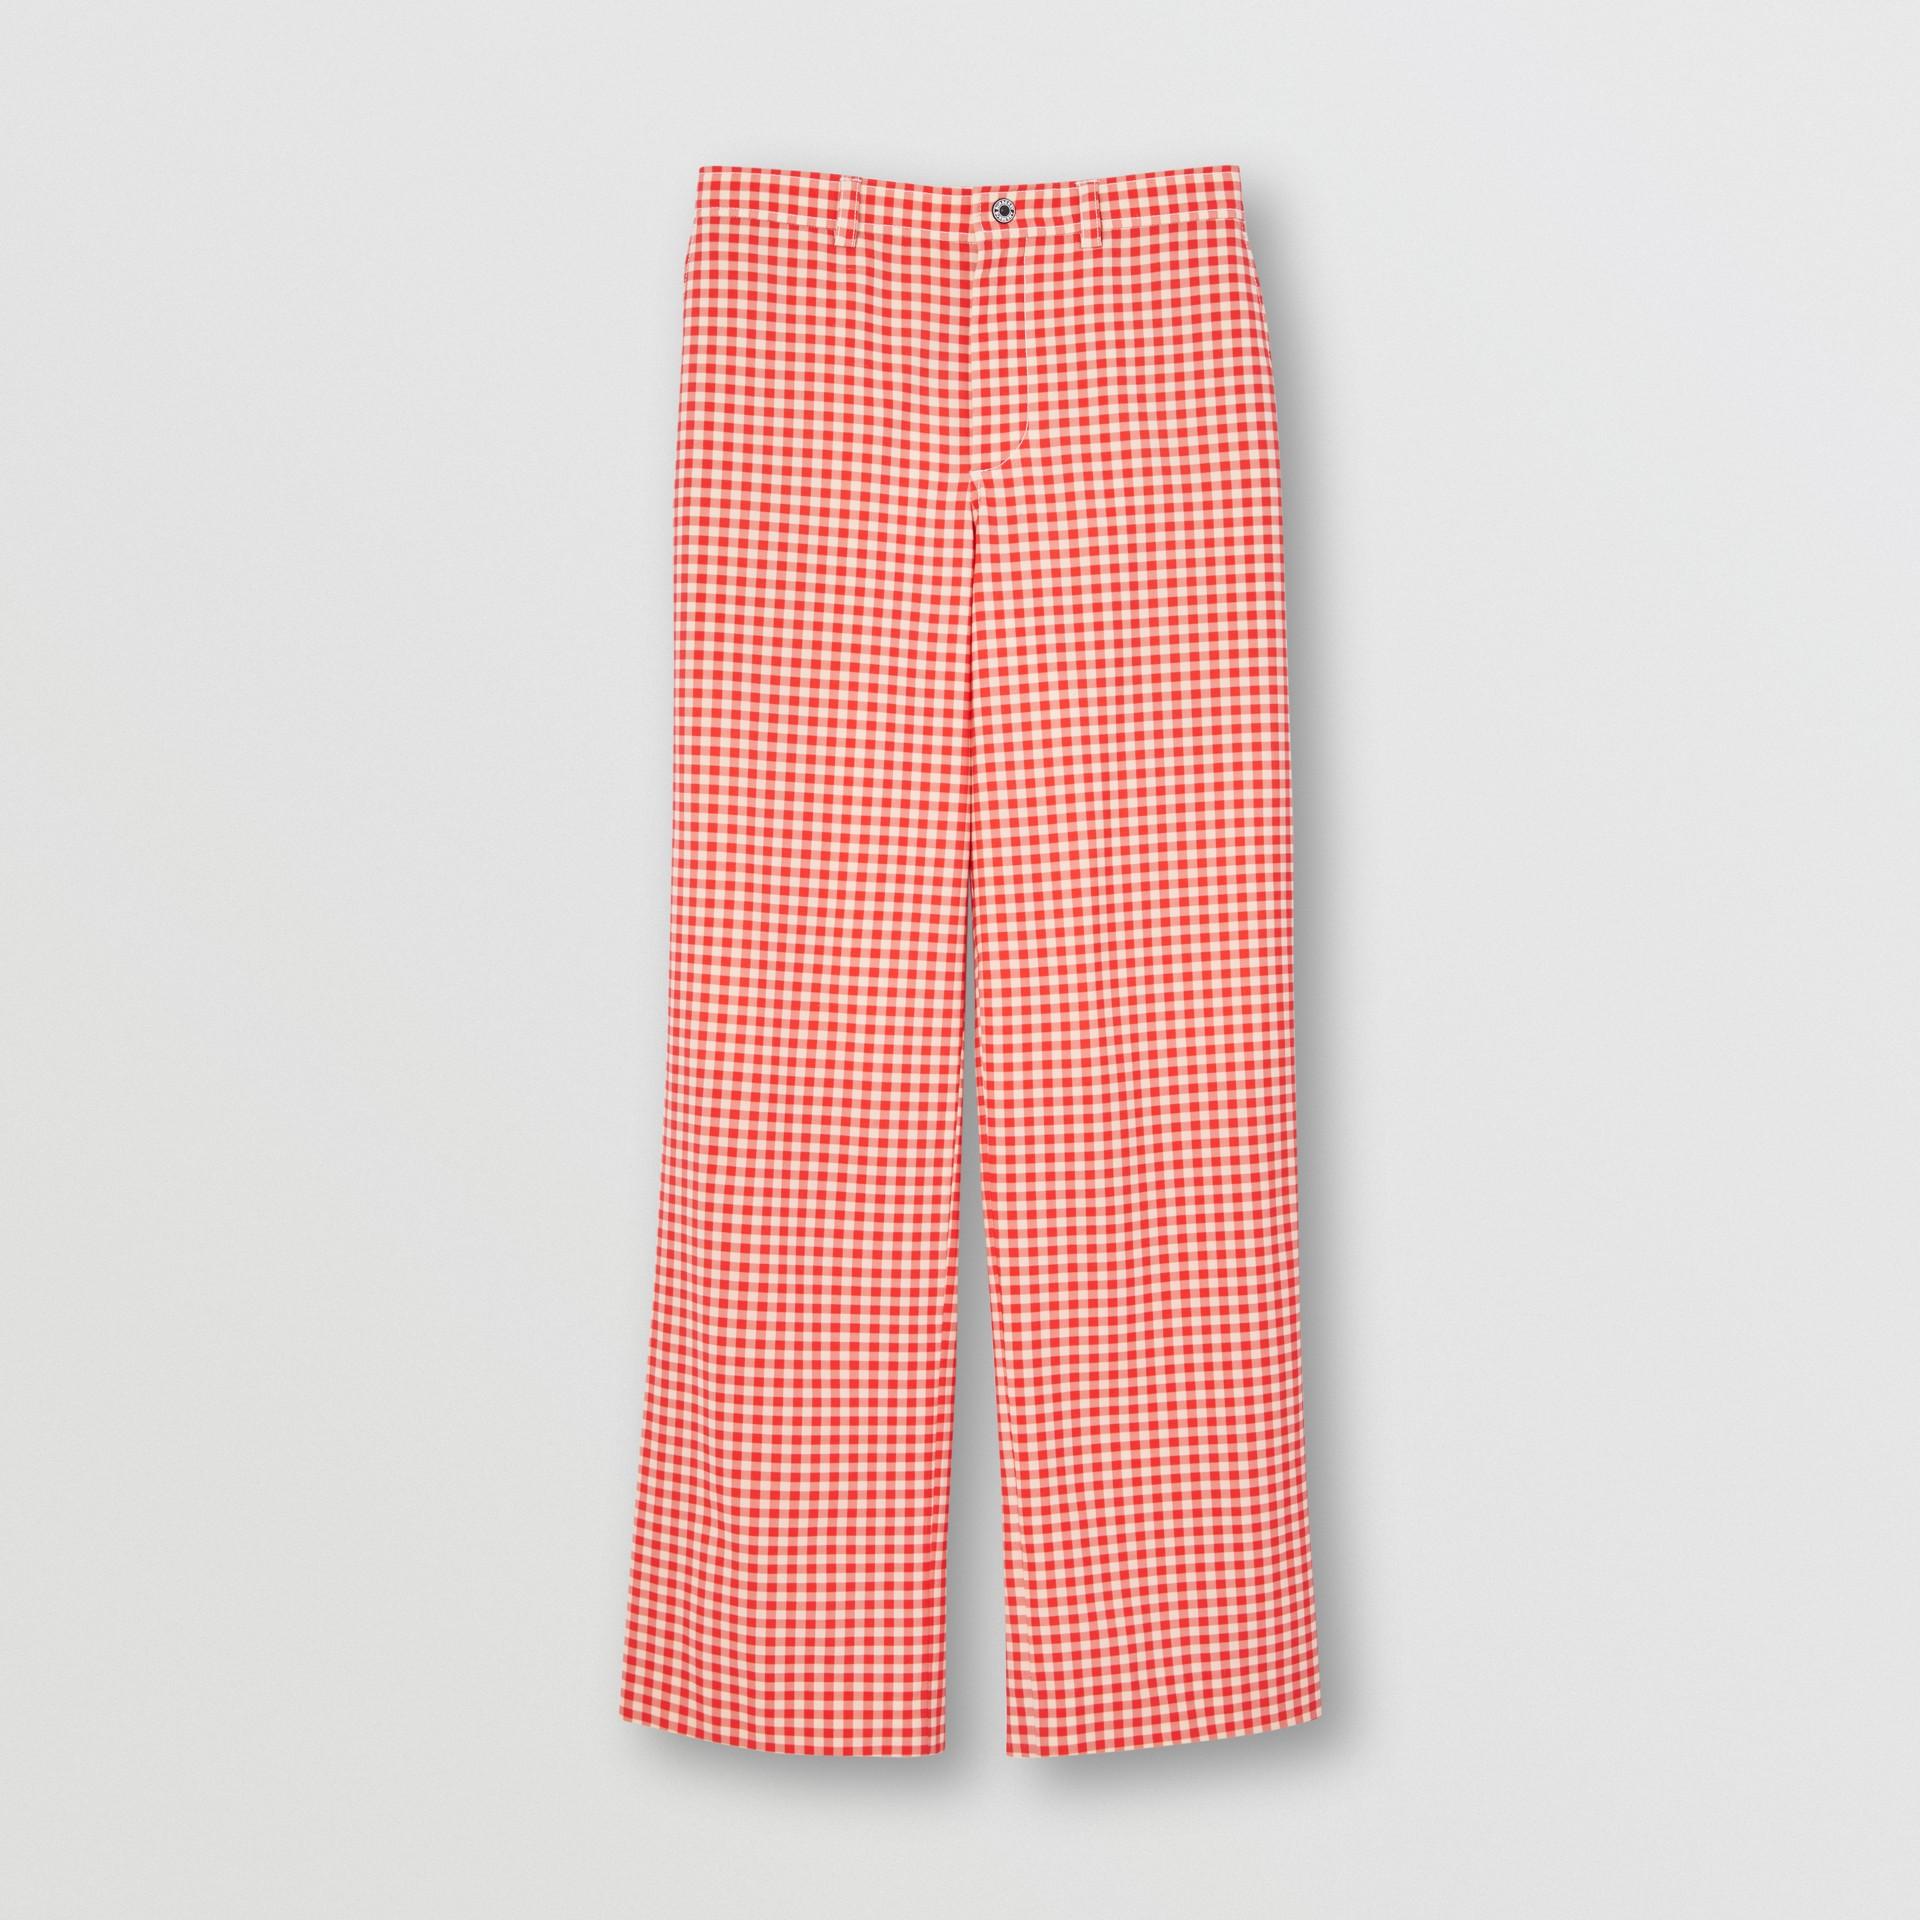 Calças de algodão stretch com estampa xadrez Gingham e recorte traseiro vazado (Vermelho) | Burberry - galeria de imagens 3